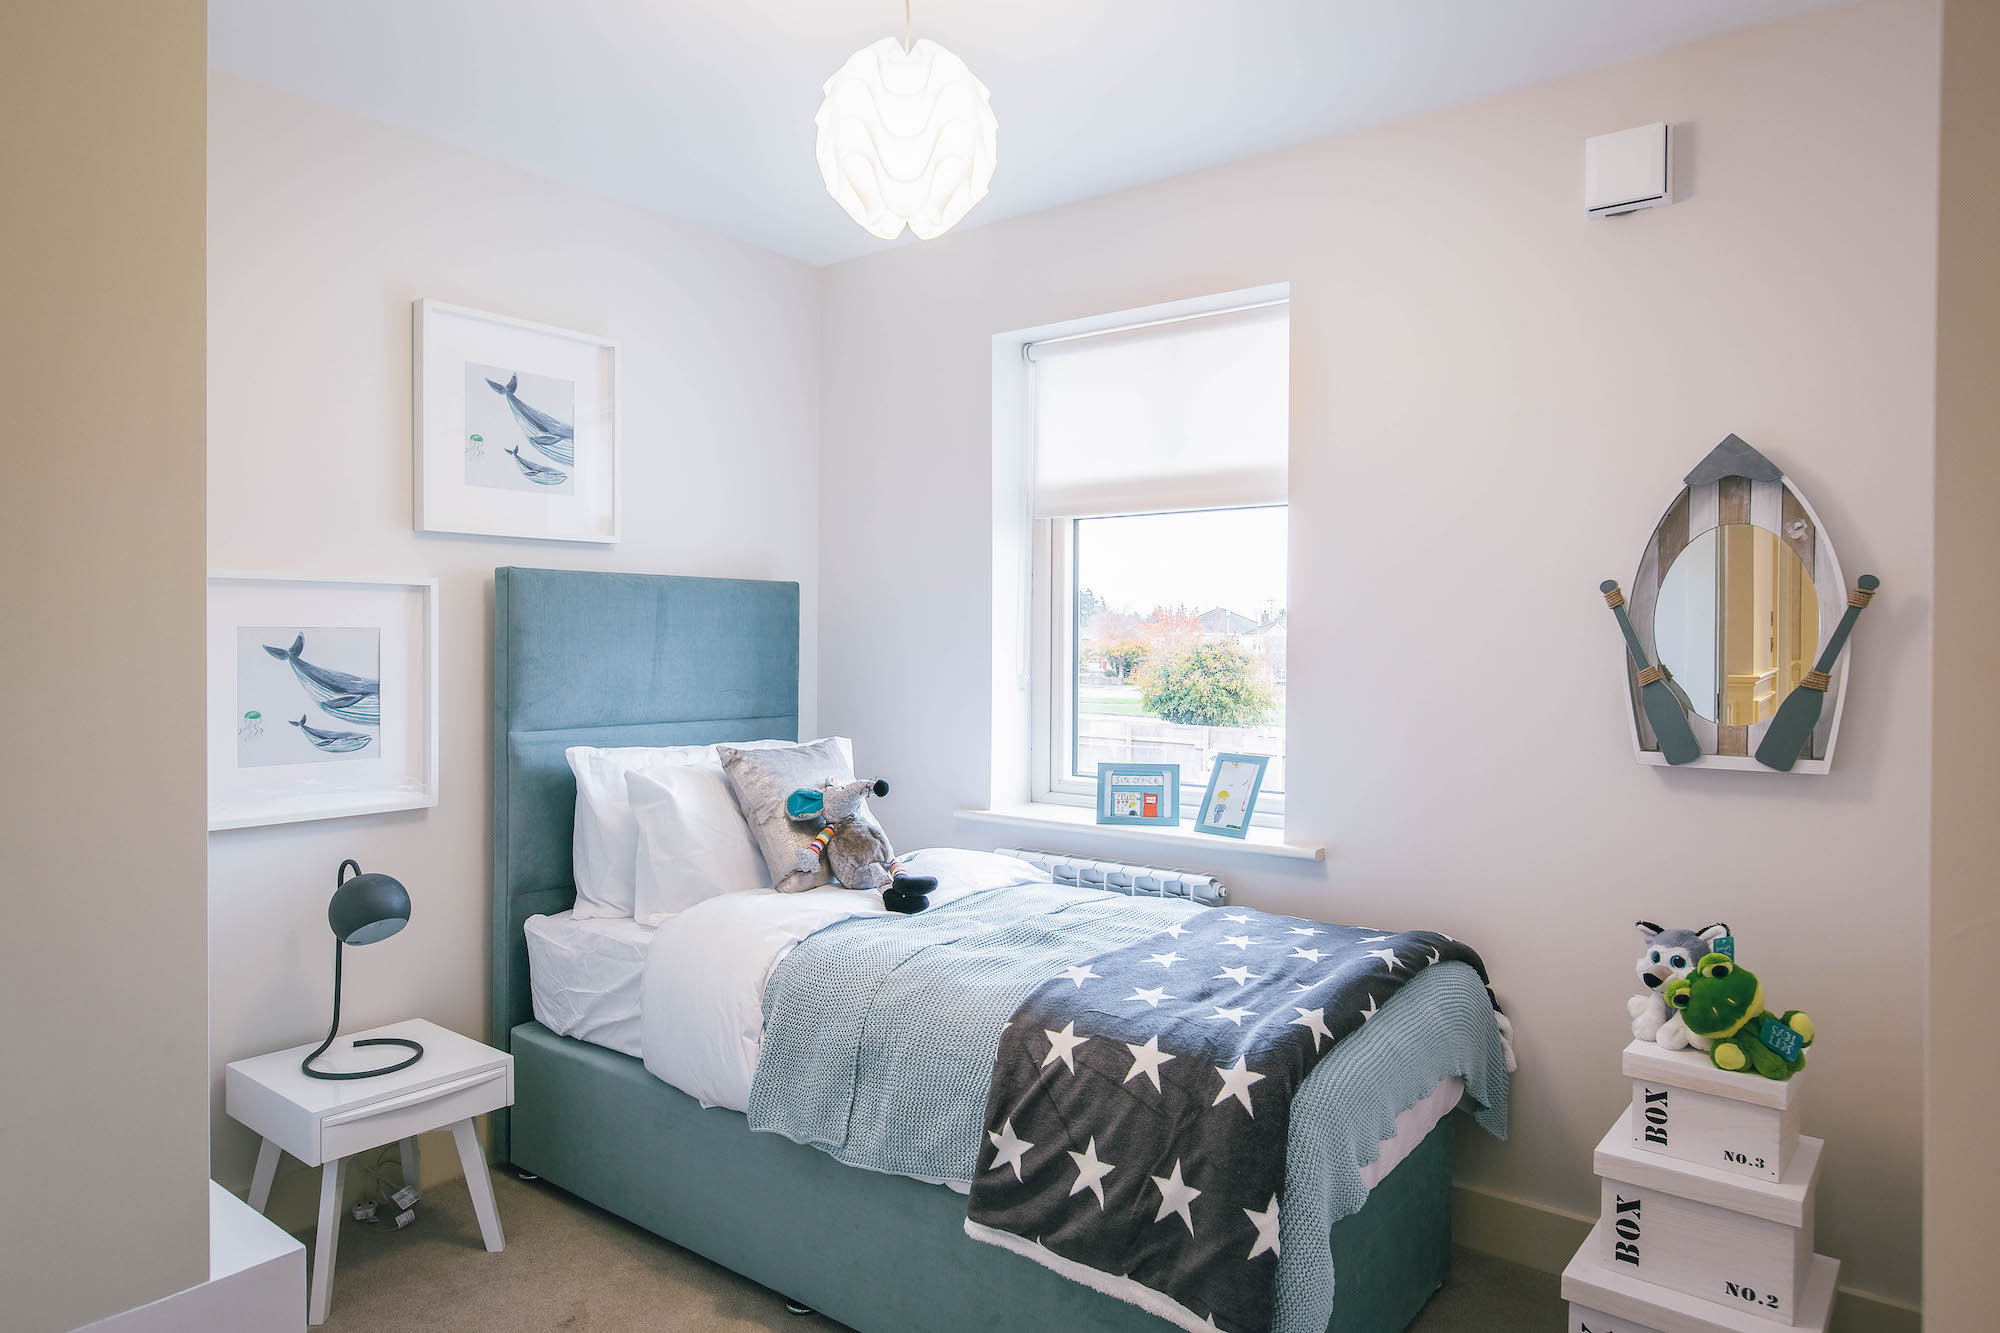 C-Bedroom2-01-2.jpg